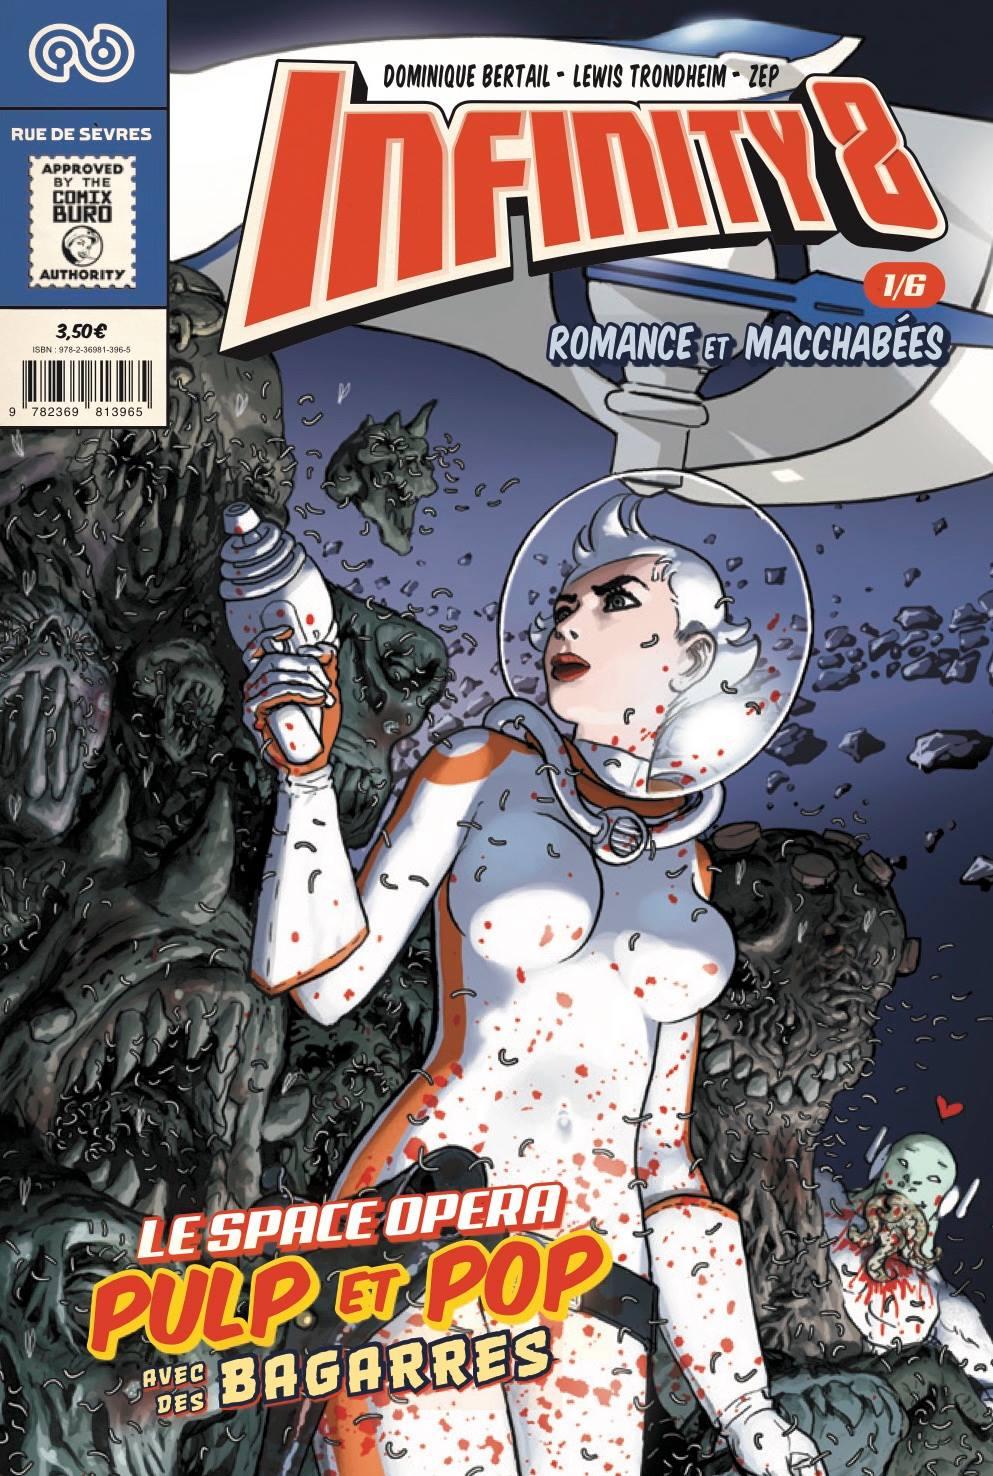 infinity-8-t-1-romance-et-macchabees-comics-trondheim-bertail-couverture